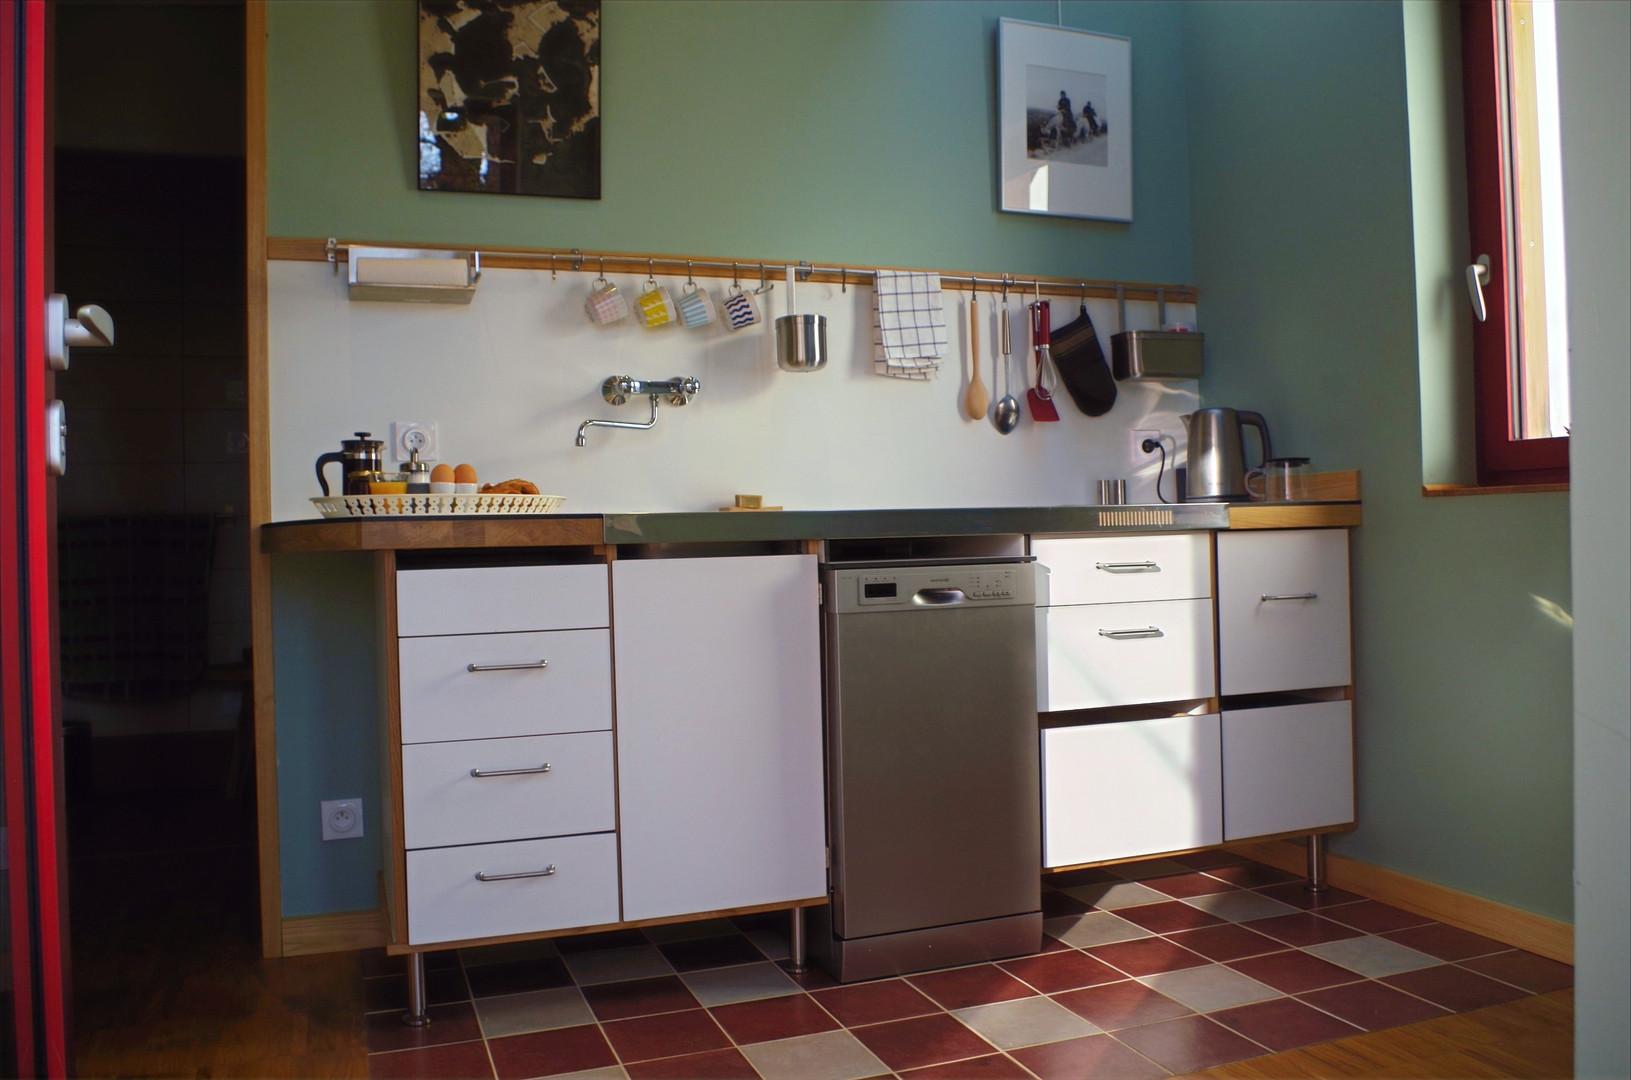 cuisine + lave-vaisselle + four double fonction